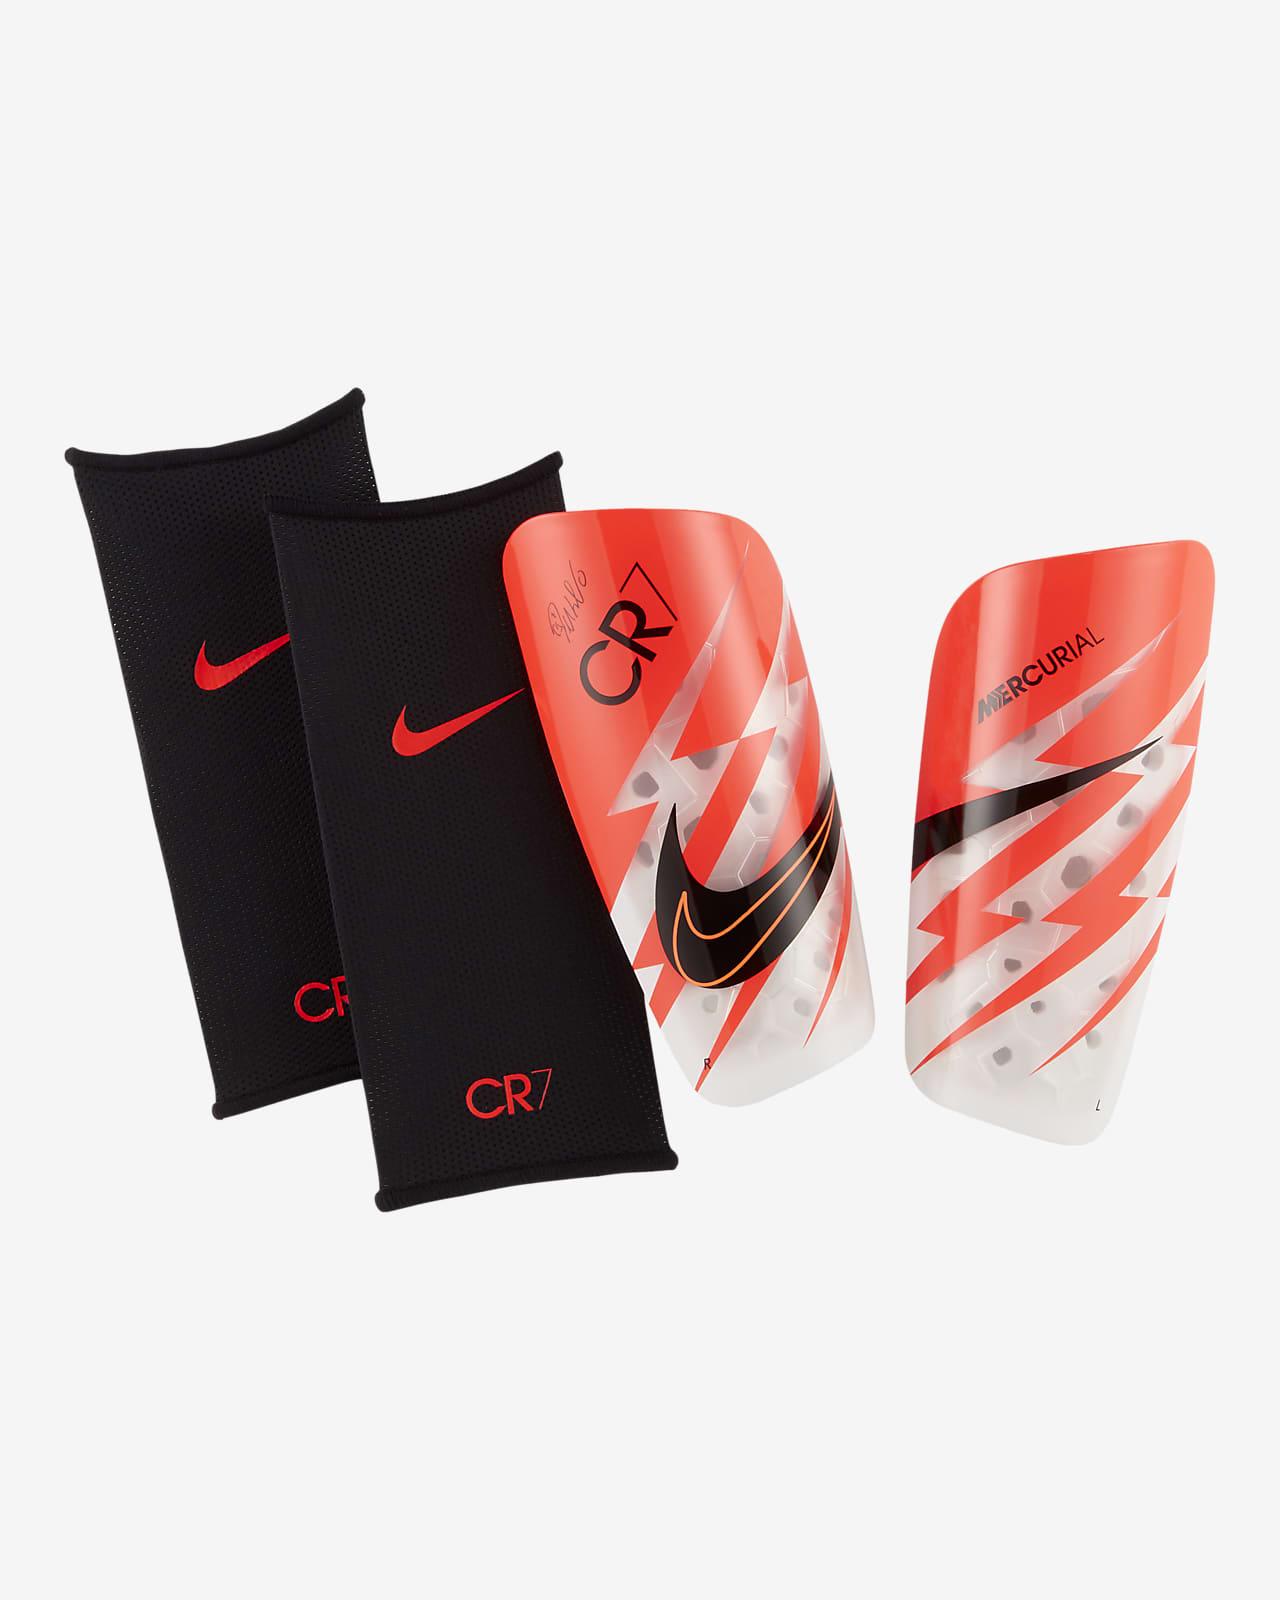 Nike Mercurial Lite CR7 Soccer Shin Guards